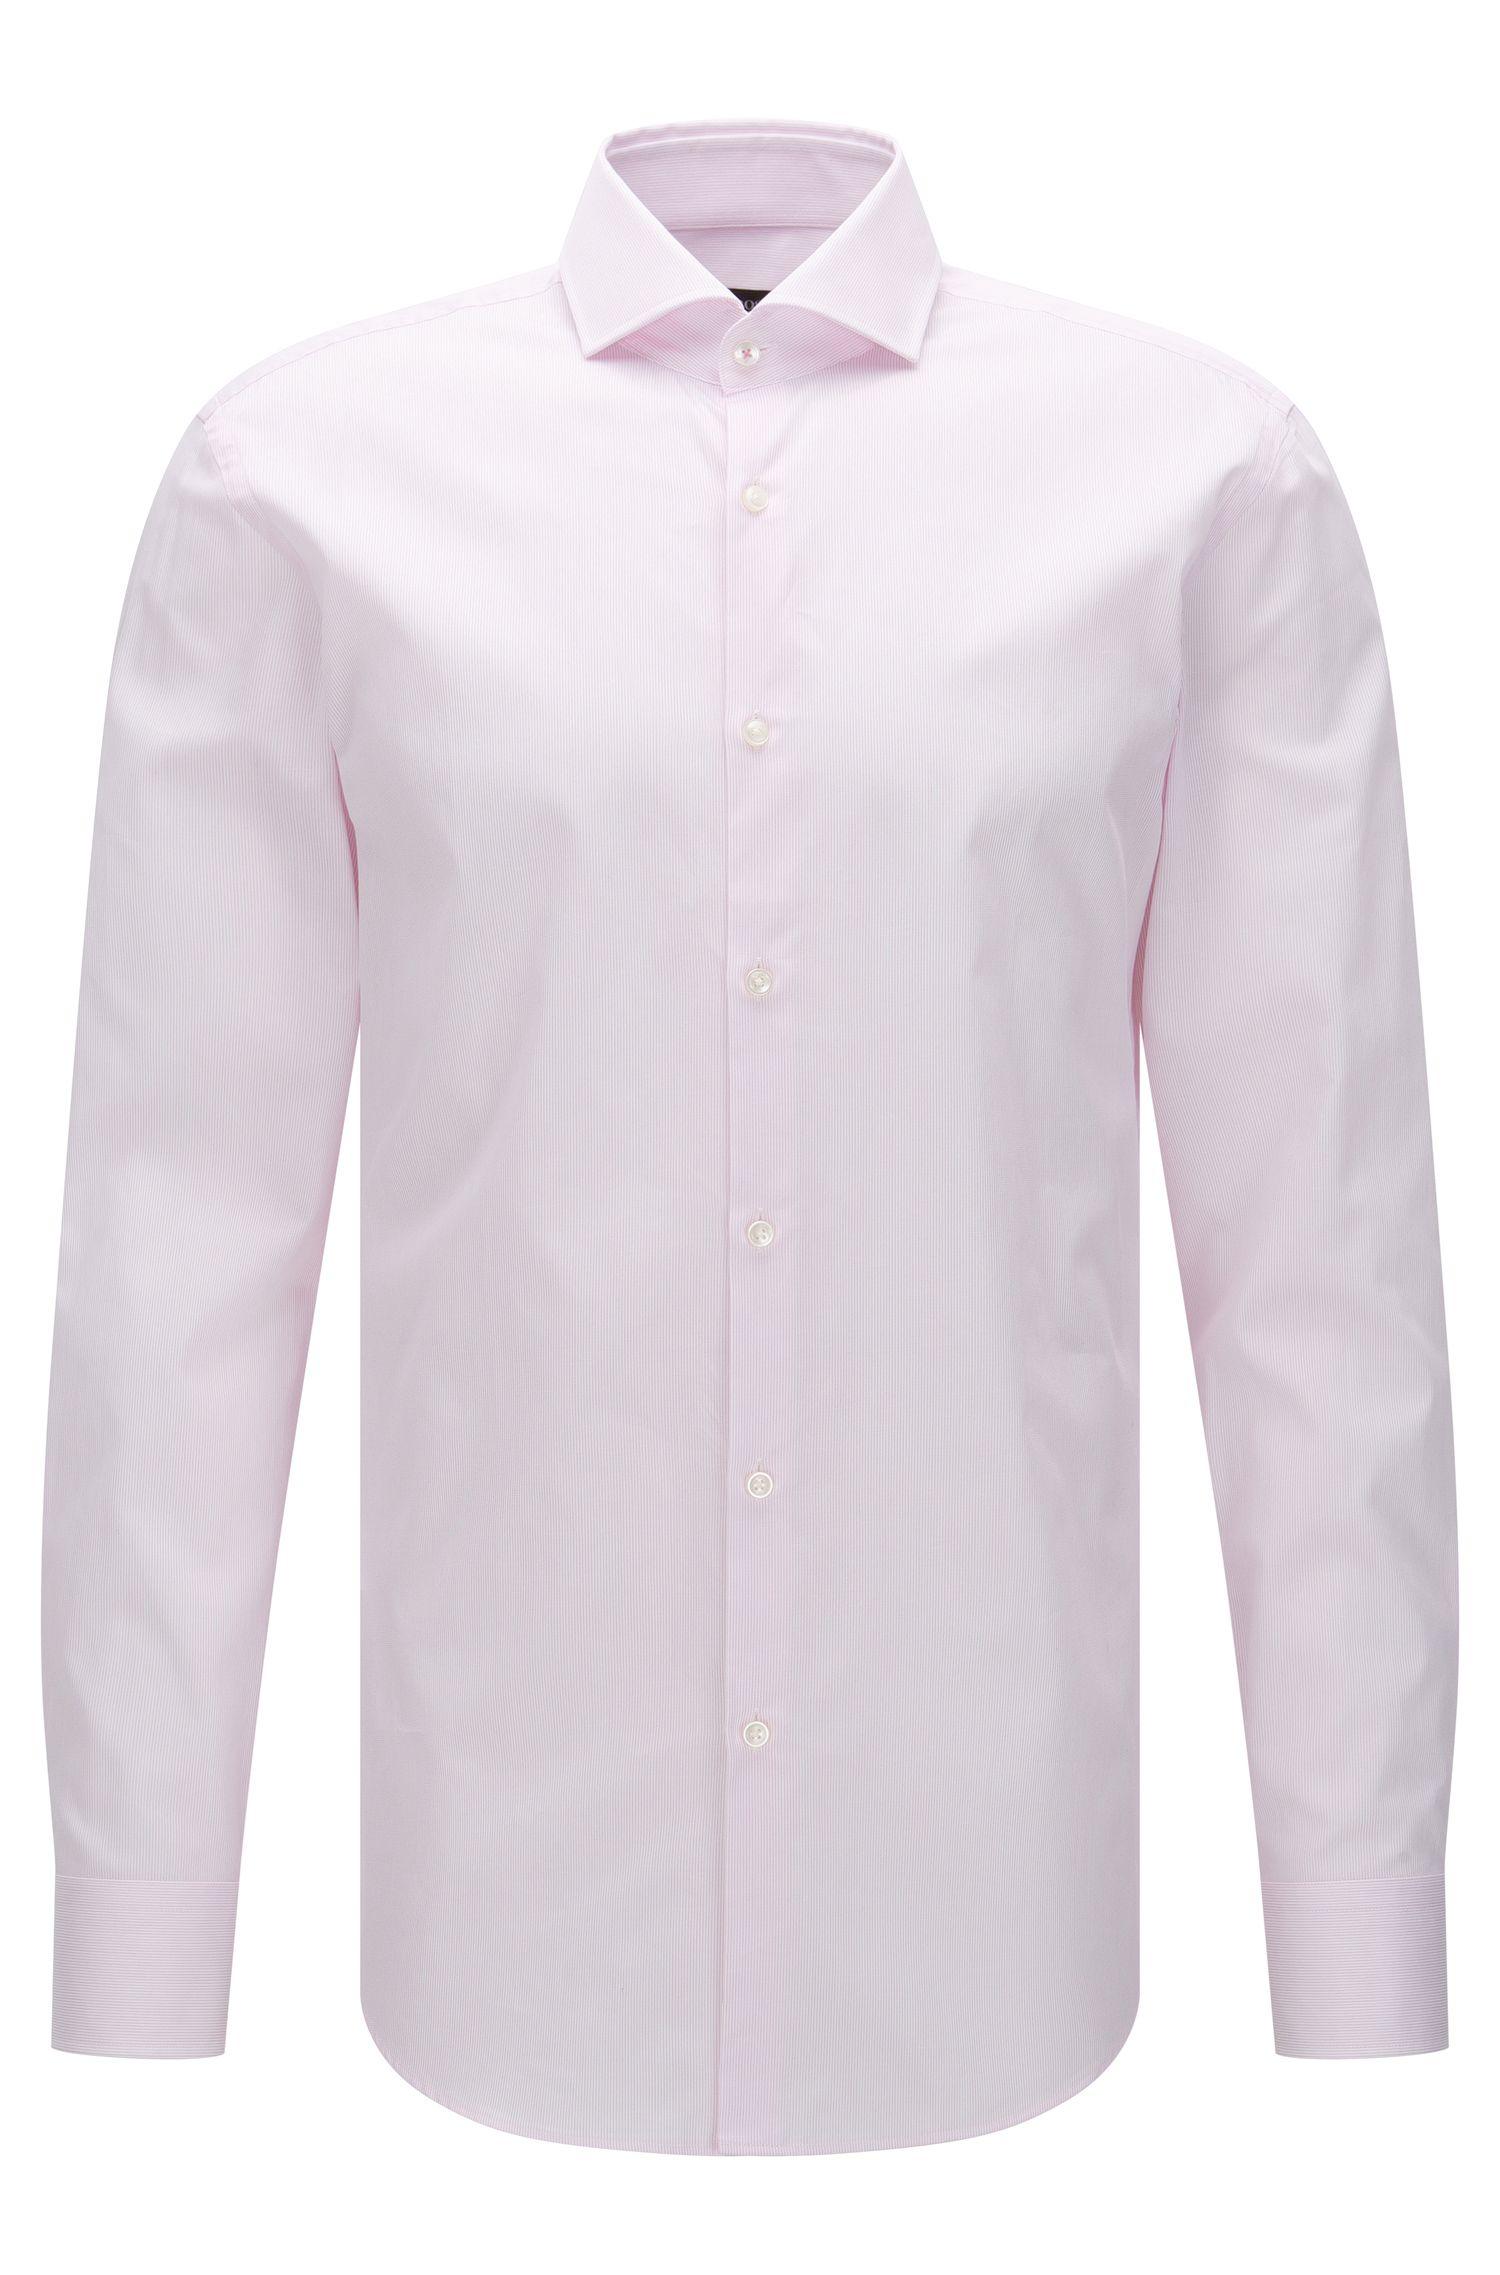 Fein gestreiftes Slim-Fit Hemd aus Baumwolle: 'Jerrin'